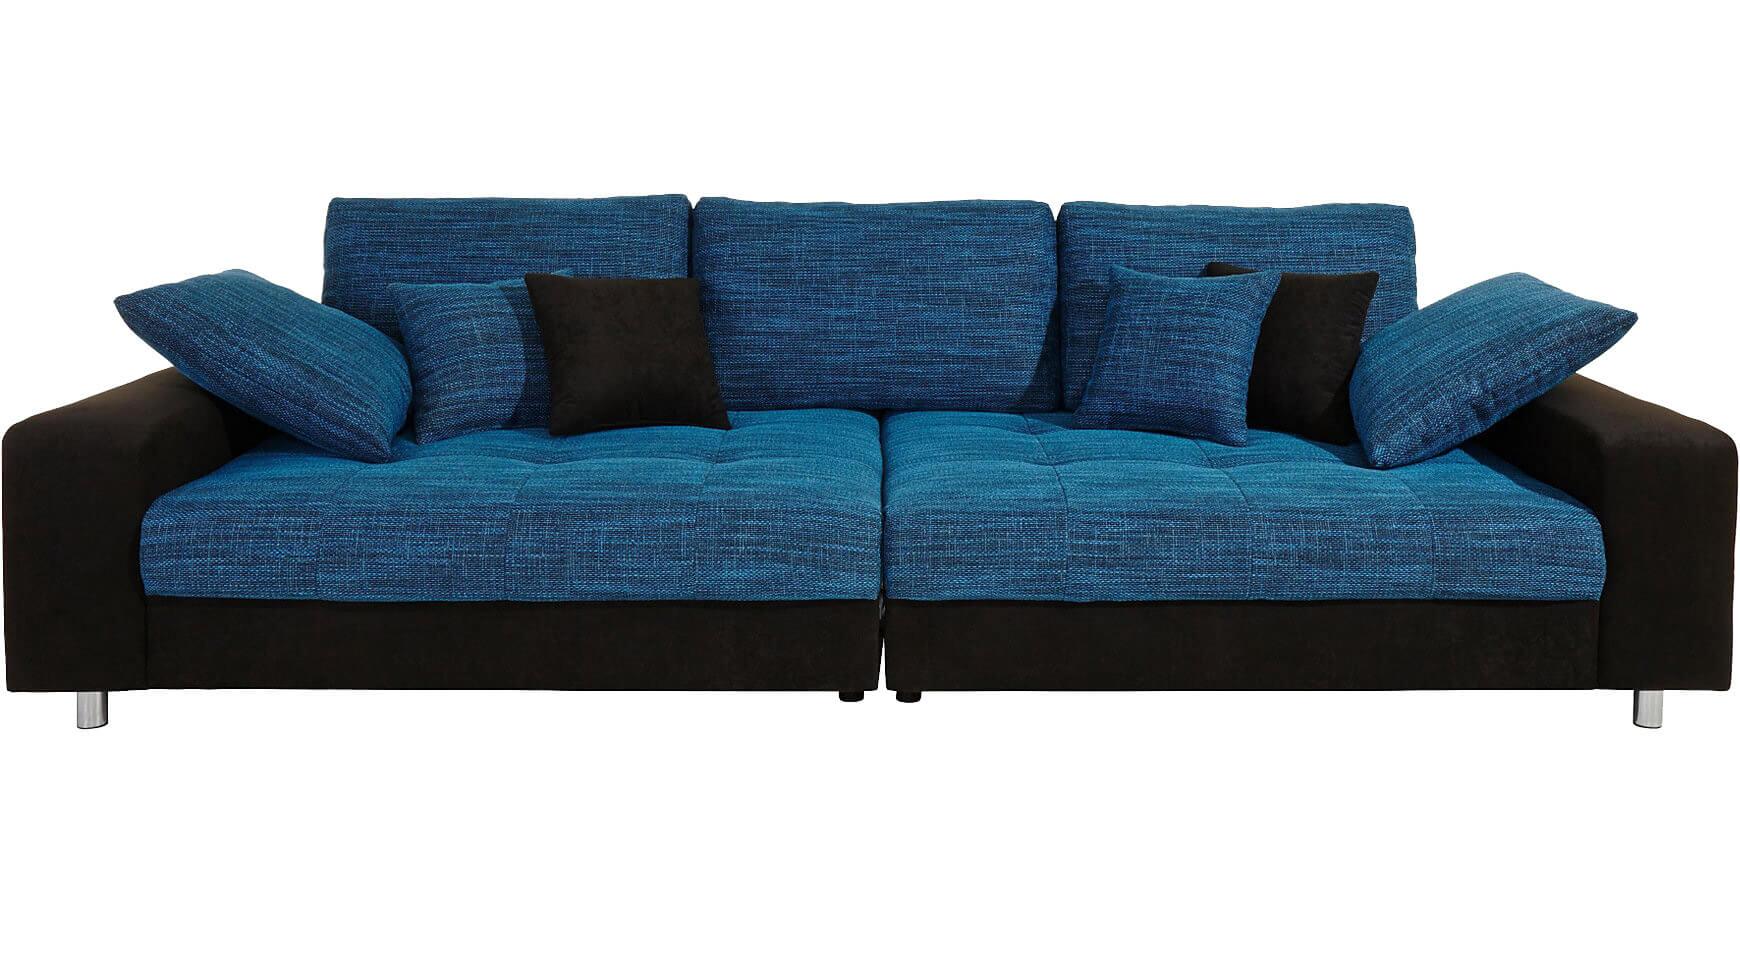 Full Size of Big Sofa L Form Xxl Couch Extragroe Sofas Bestellen Bei Cnouchde Wandtattoos Schlafzimmer Kleiner Esstisch Grünes Comfortmaster Hotel Baden Fliesen Badezimmer Wohnzimmer Big Sofa L Form